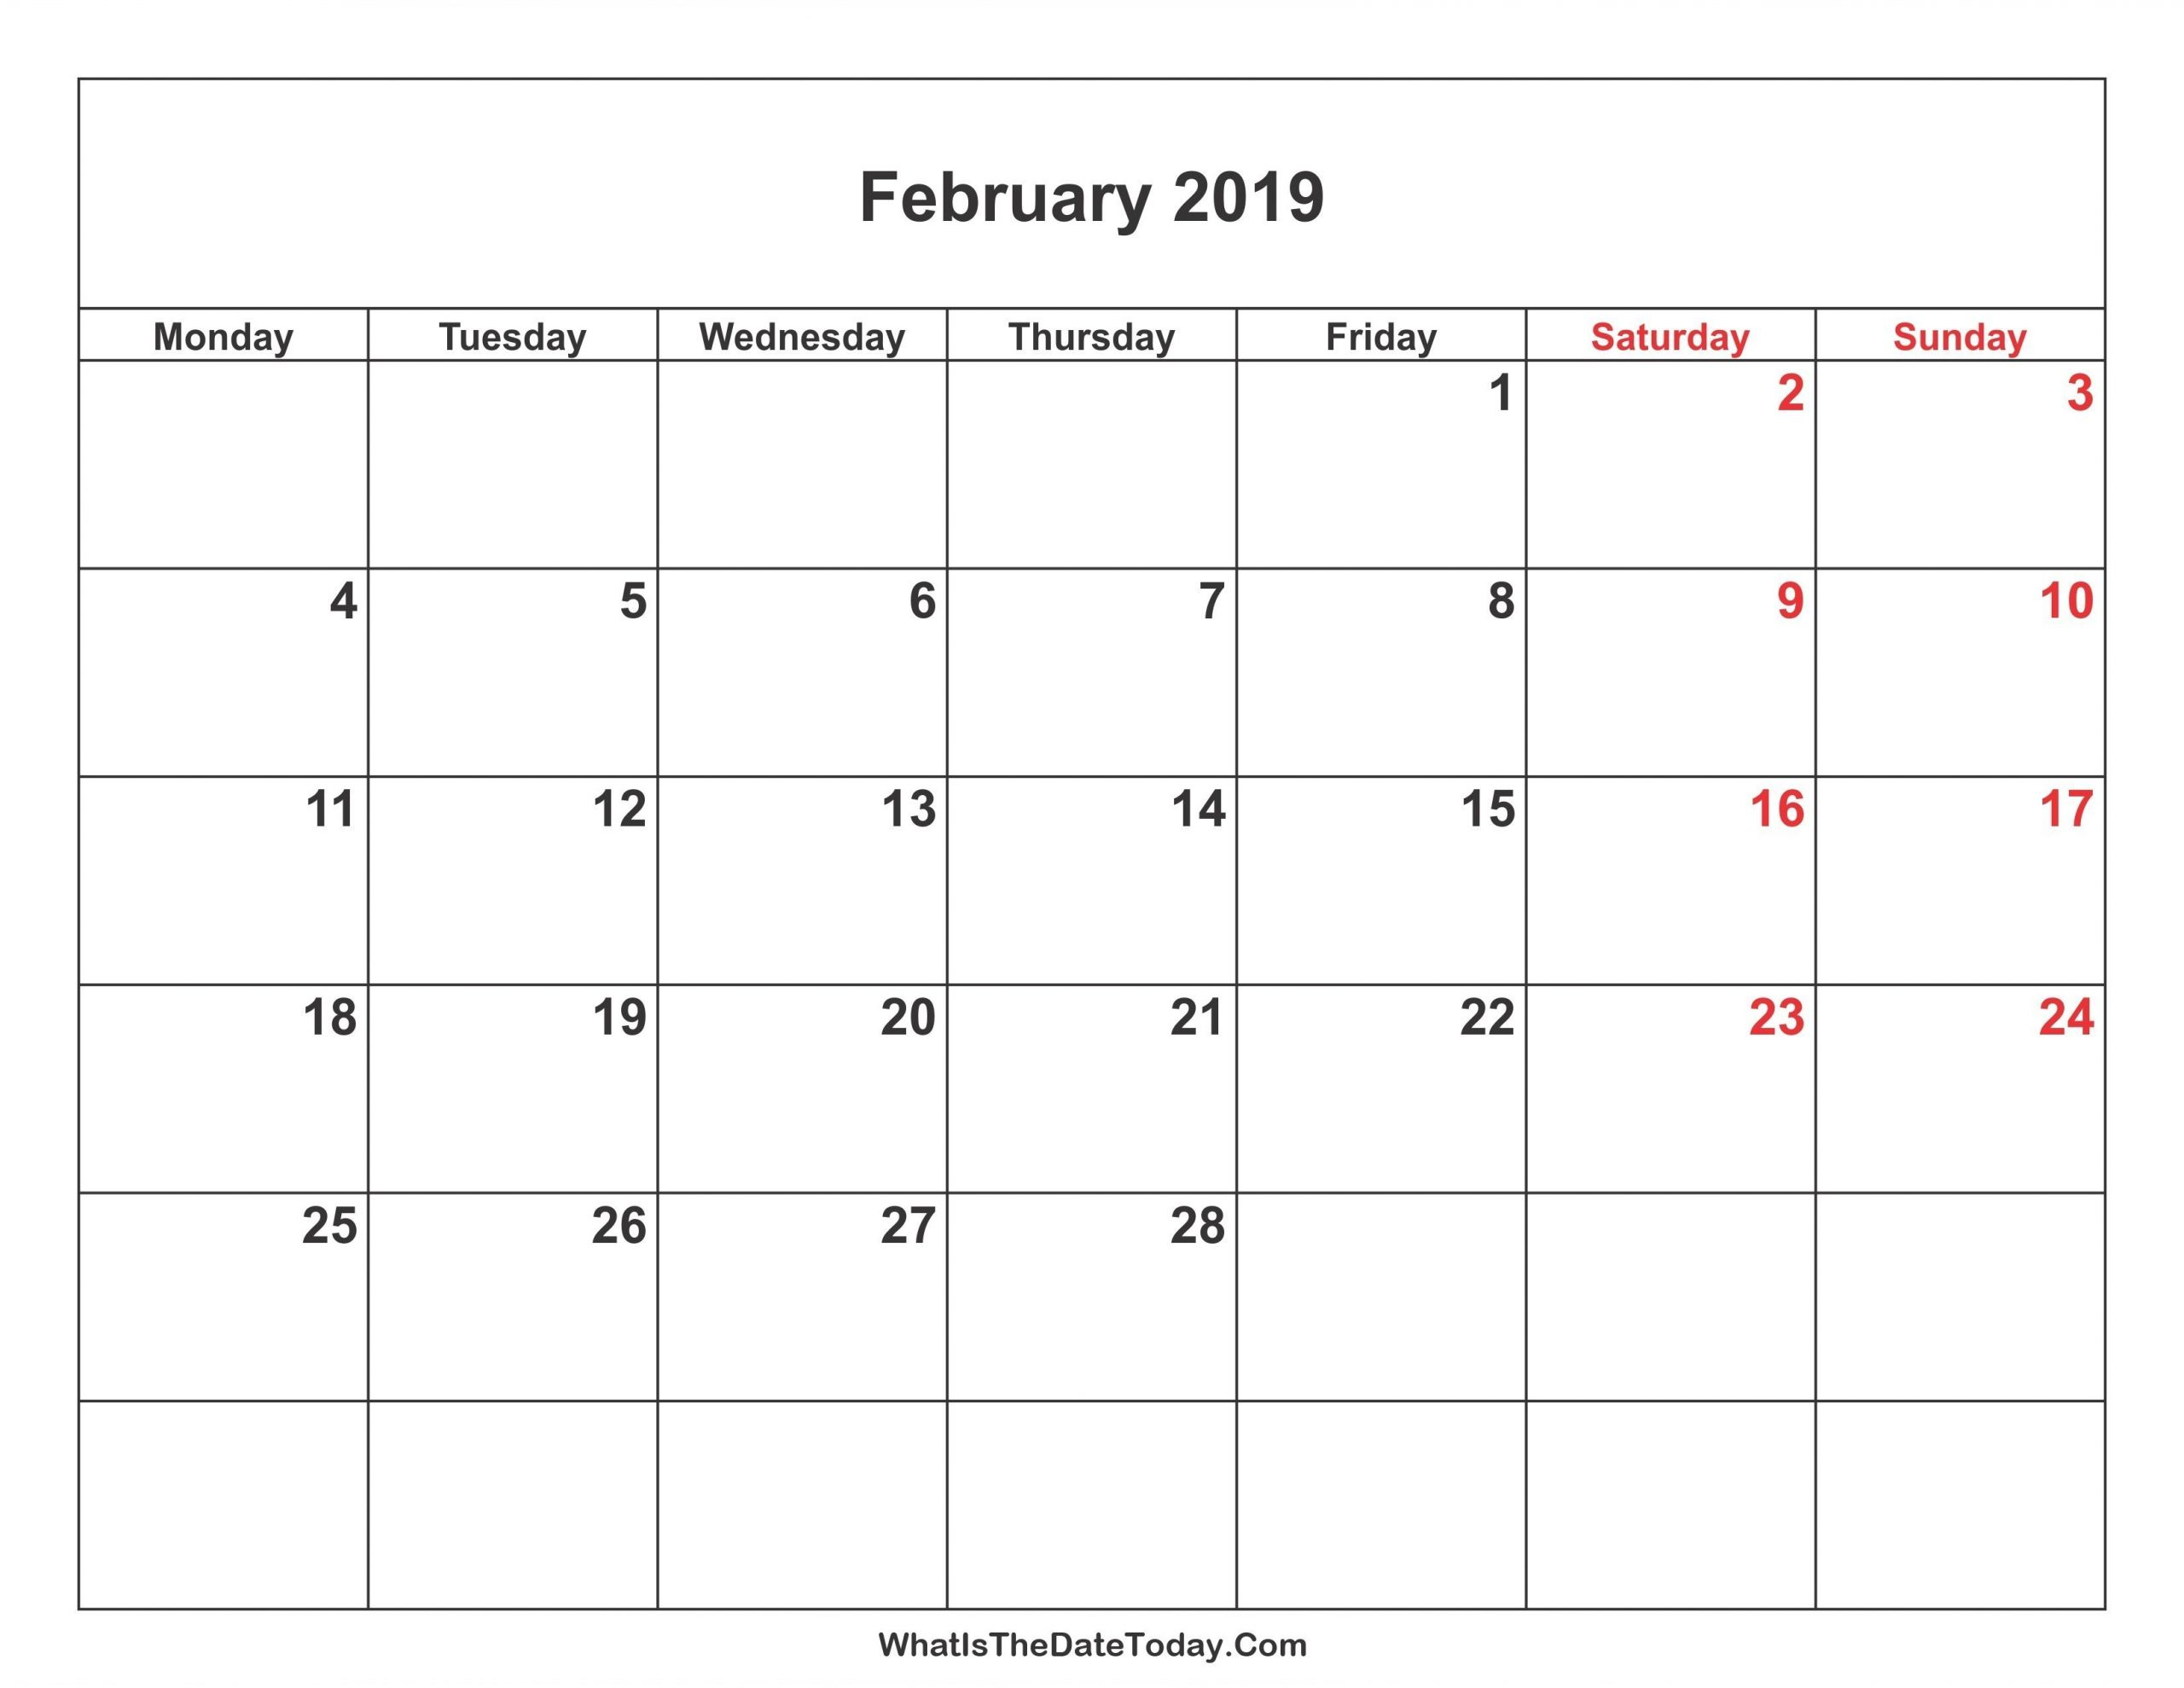 calendario 2019 y 2020 excel mas populares hebrew calendar 2019 of calendario 2019 y 2020 excel